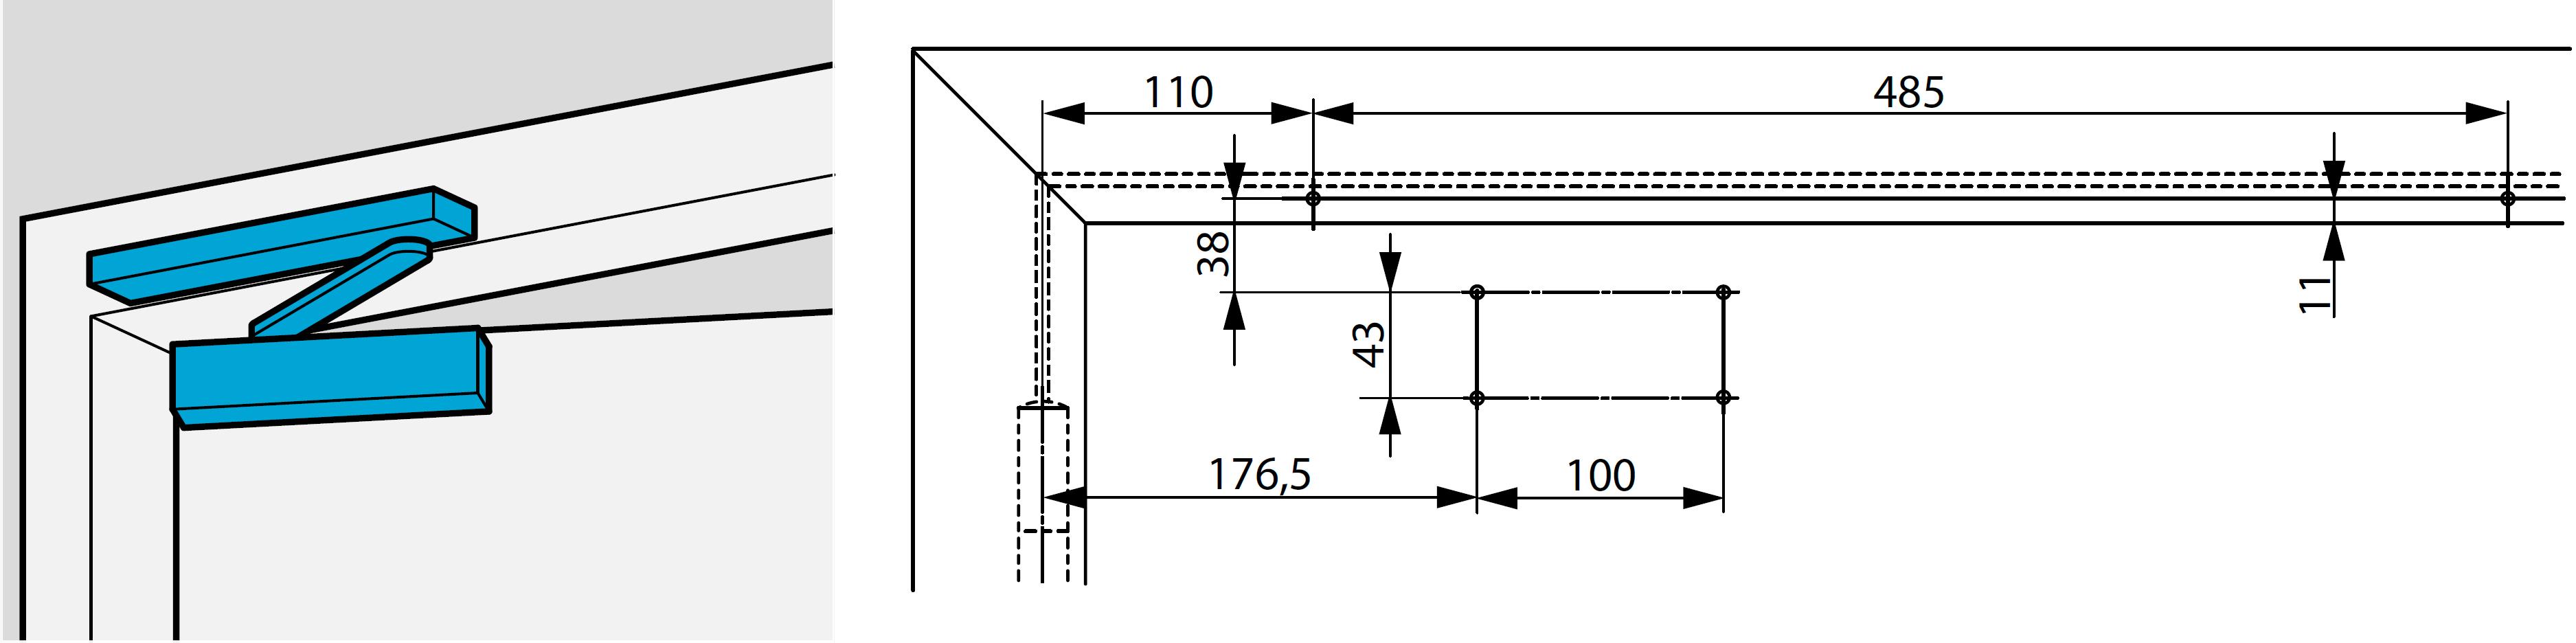 Монтажные размеры для стандартной прямой установки доводчика DC700 со стороны обратной петлям